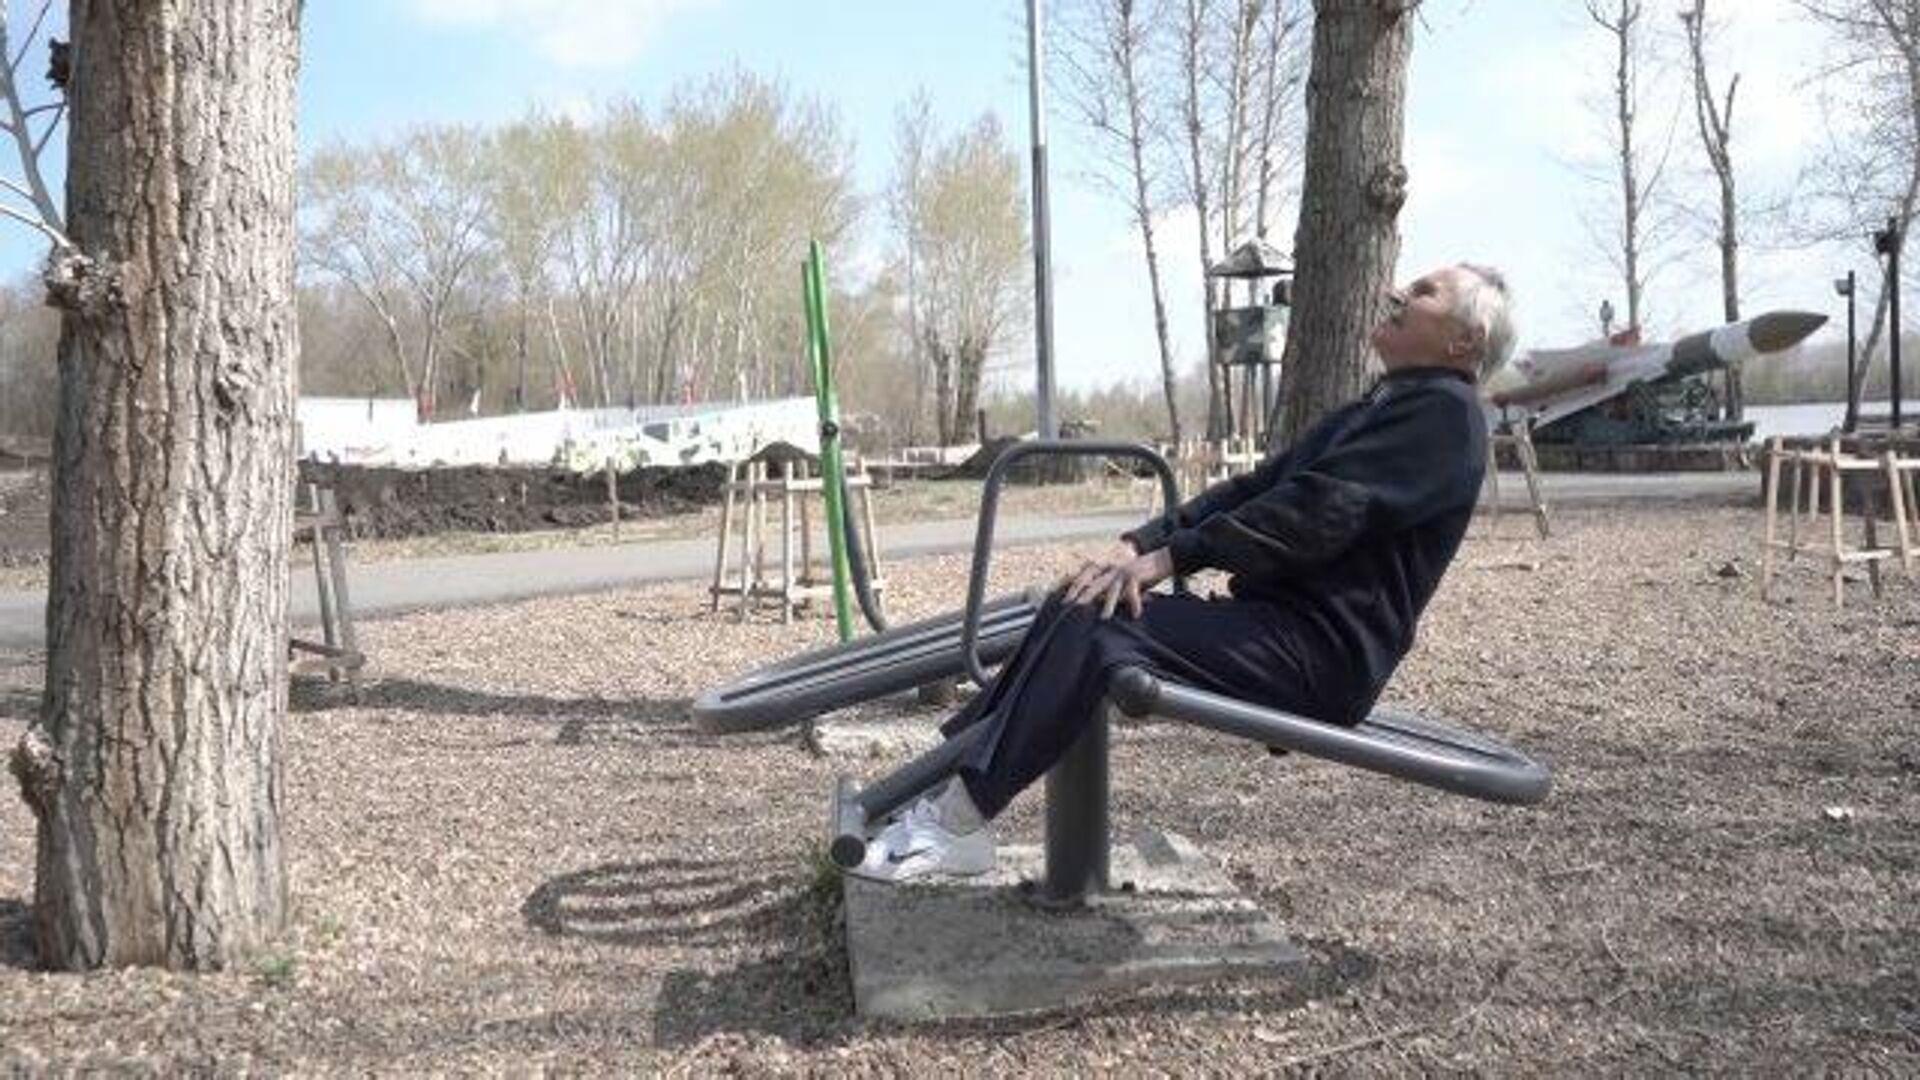 Движение – жизнь: 94-летний ветеран сдал нормы ГТО на золотой значок - РИА Новости, 1920, 07.05.2021